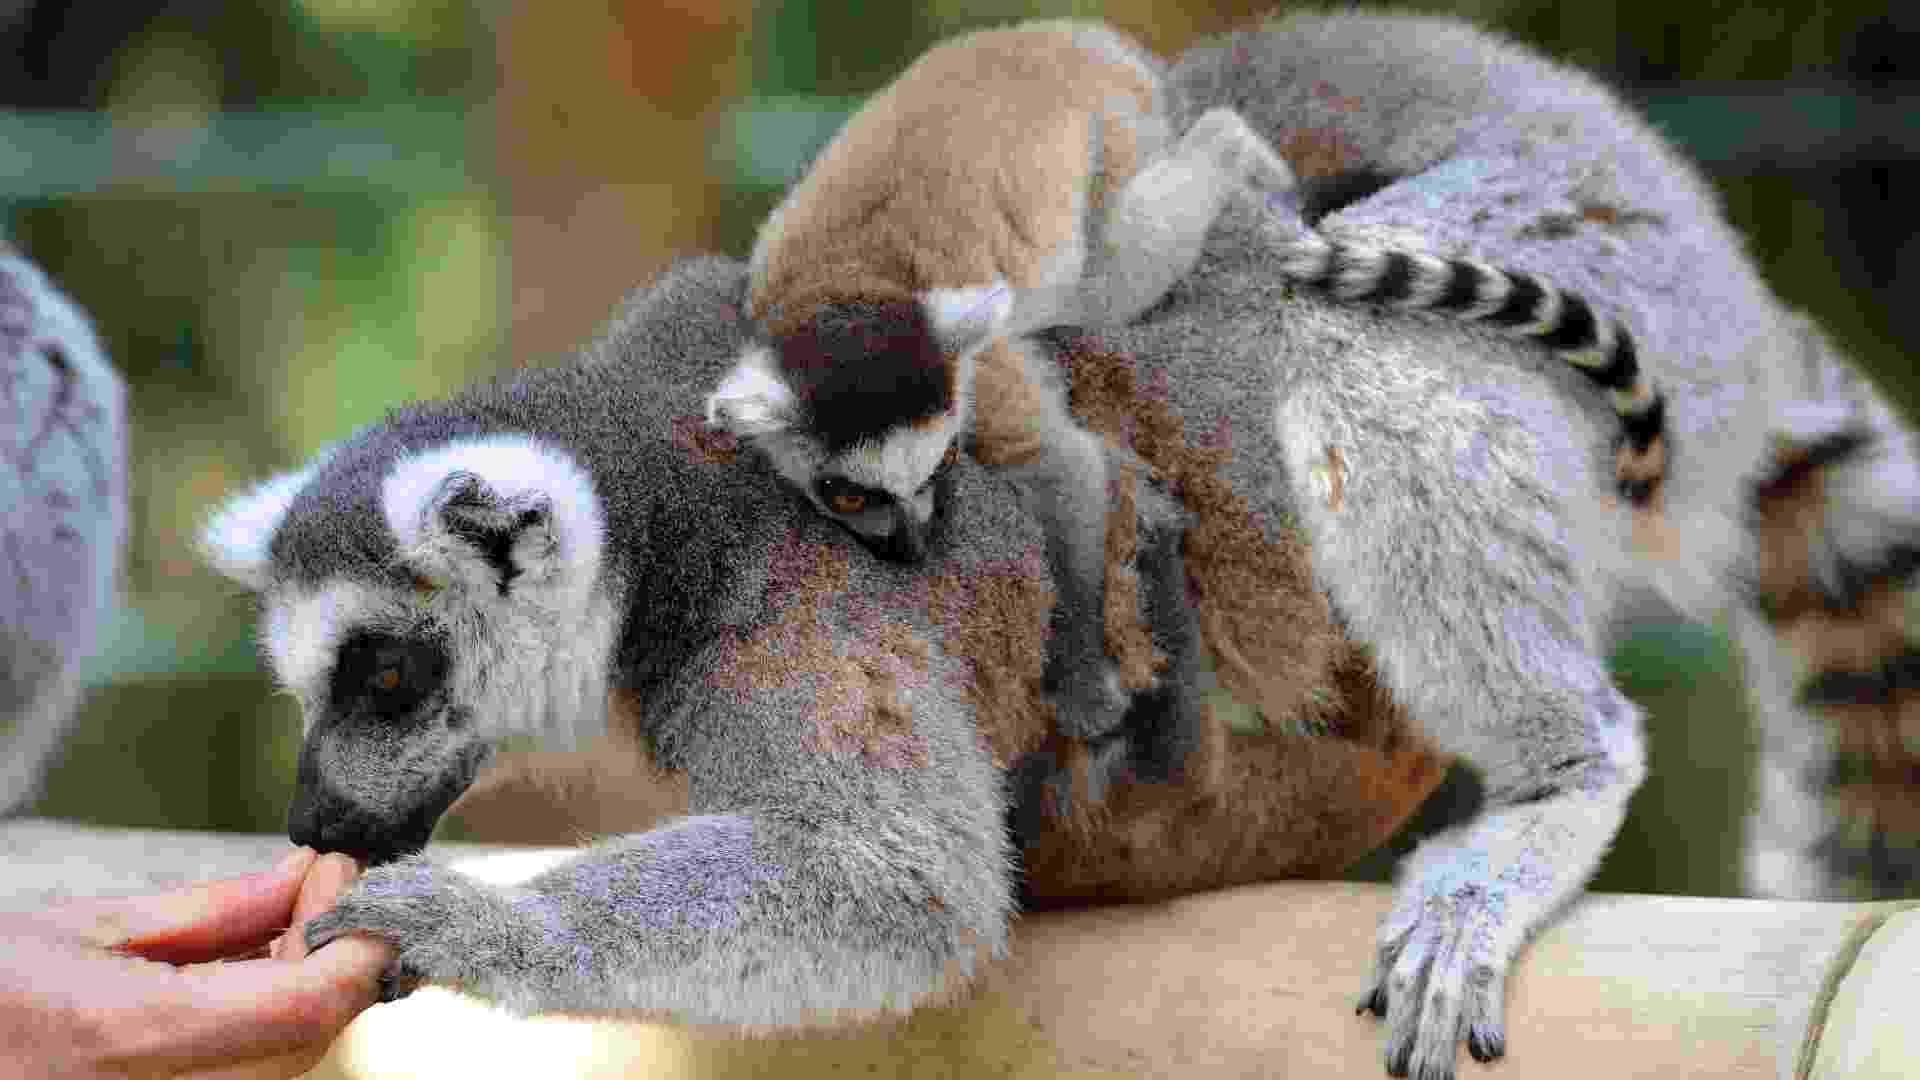 Lêmur de 5 semanas de idade sobe nas costas da mãe em zoológico de Braunschweig, na Alemanha - EFE